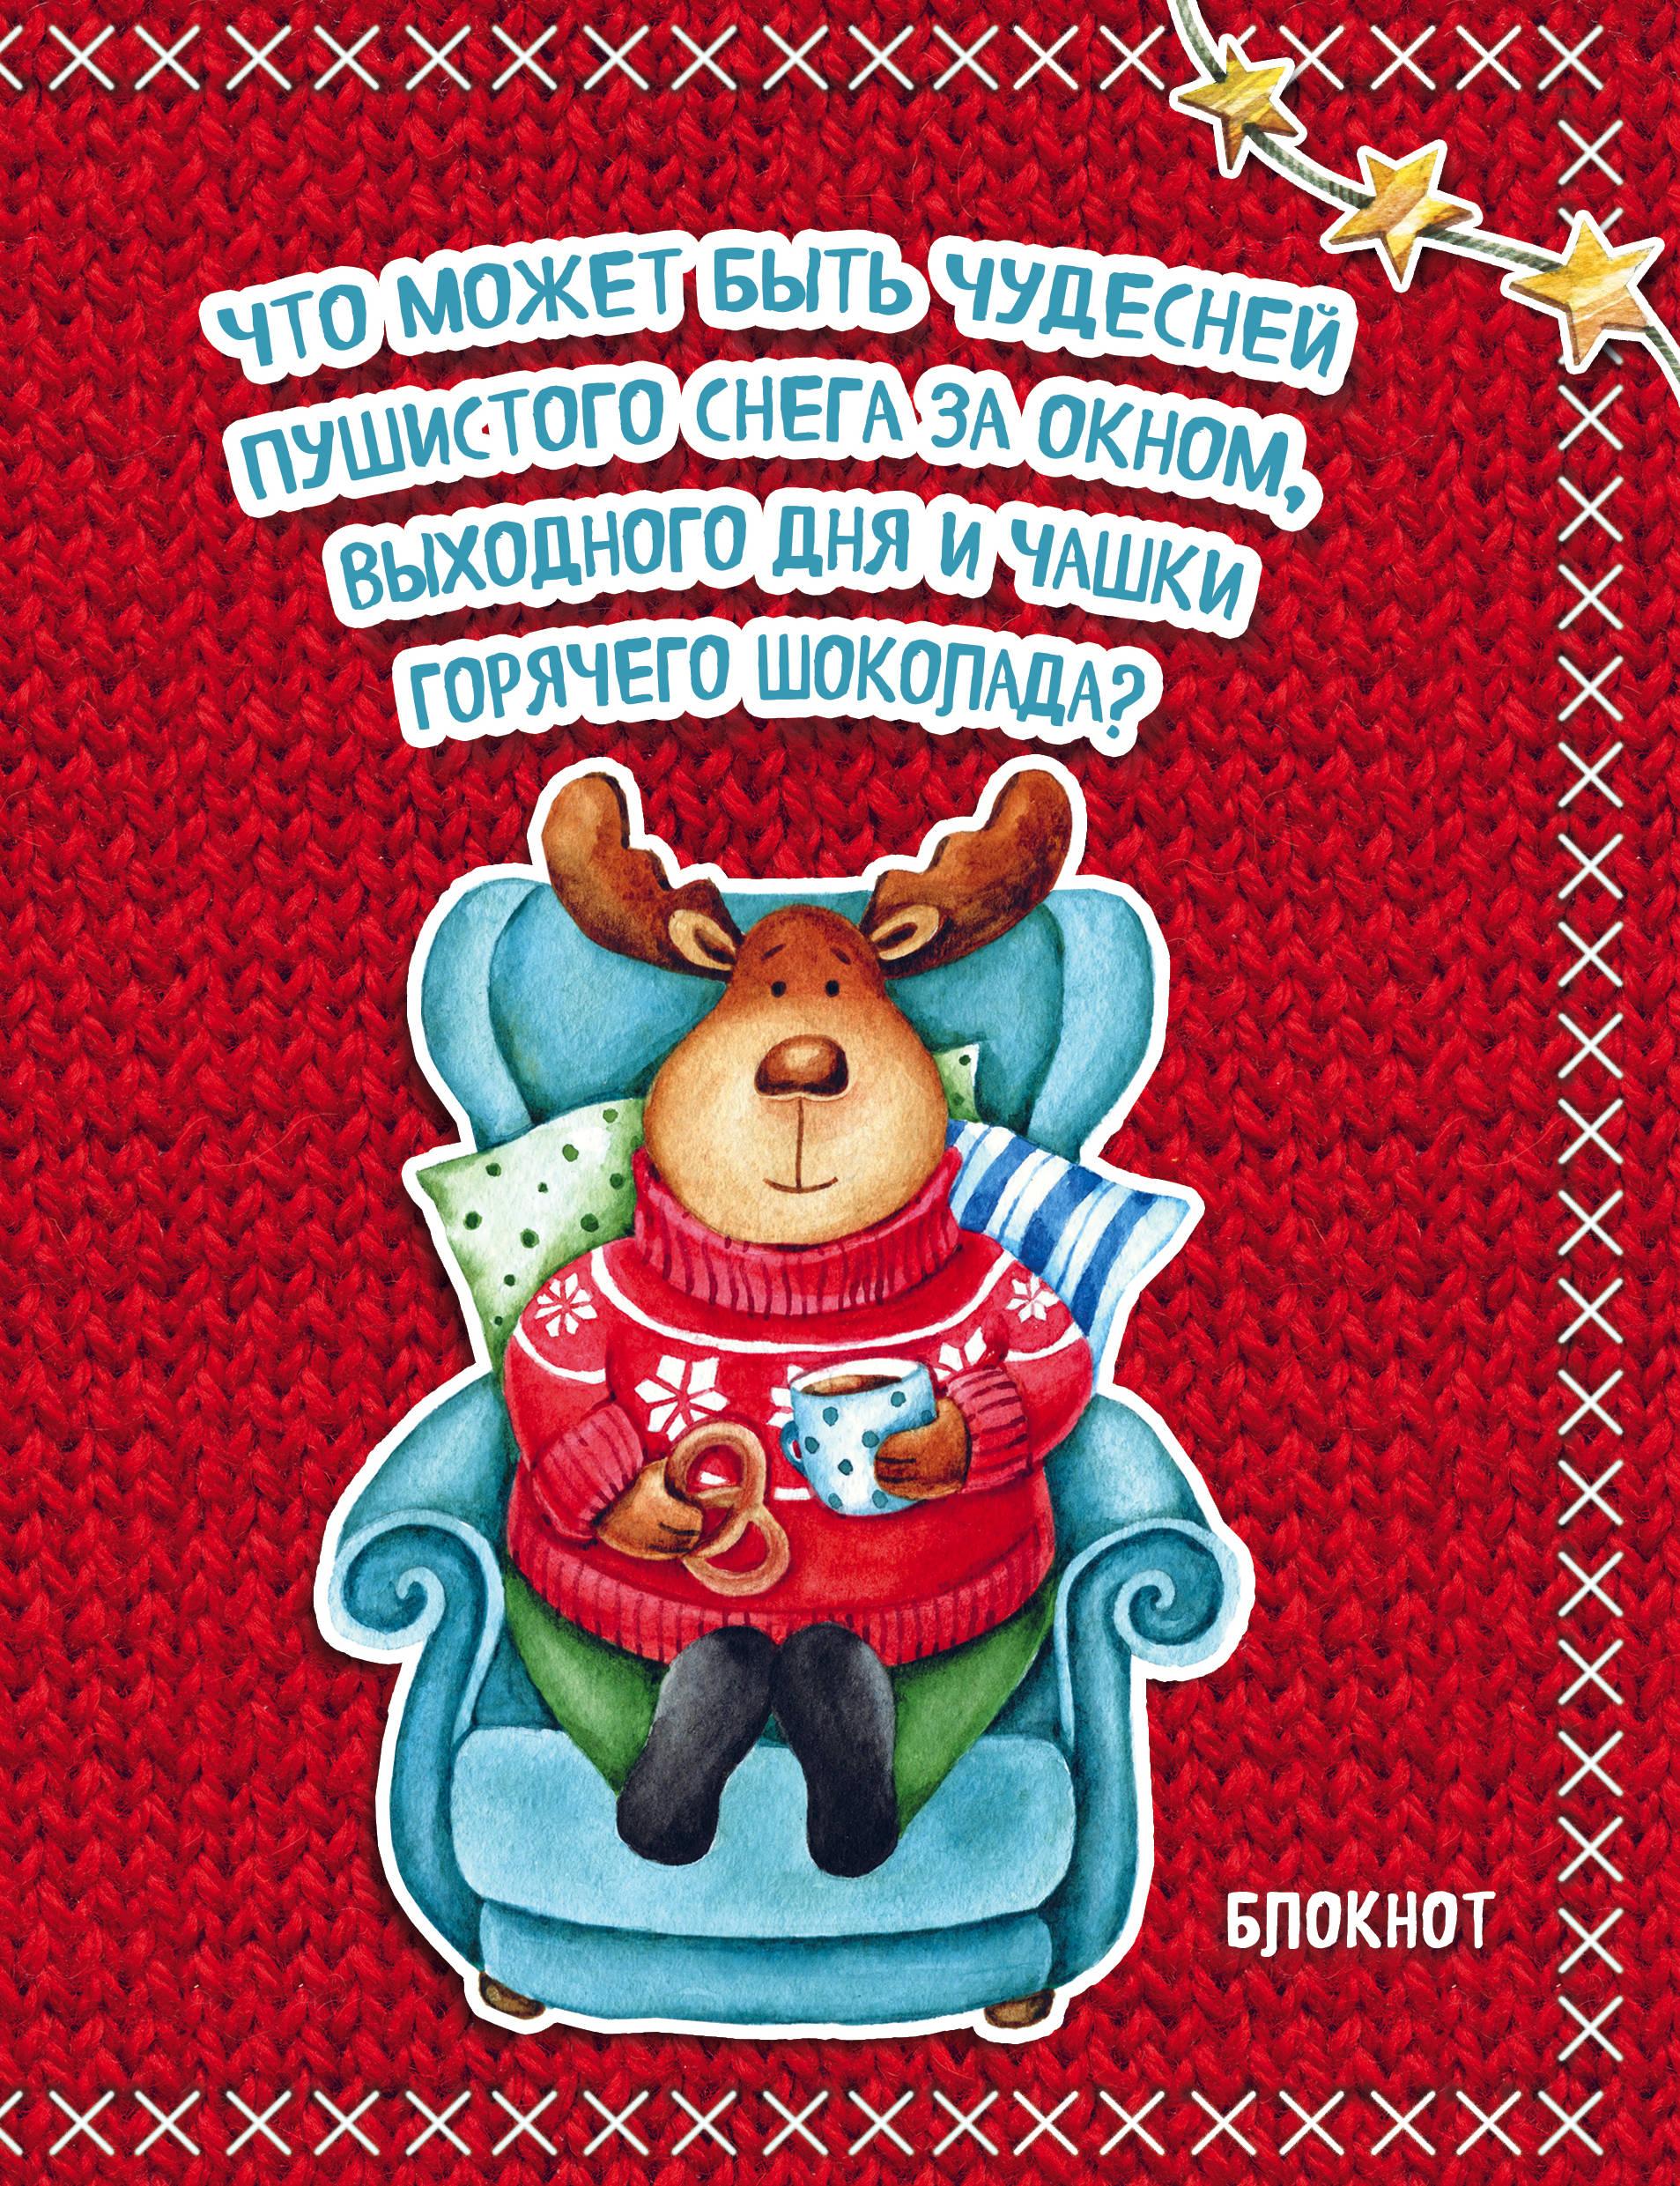 Блокнот. Новогодние олени (Горячий шоколад) виджани в мечт